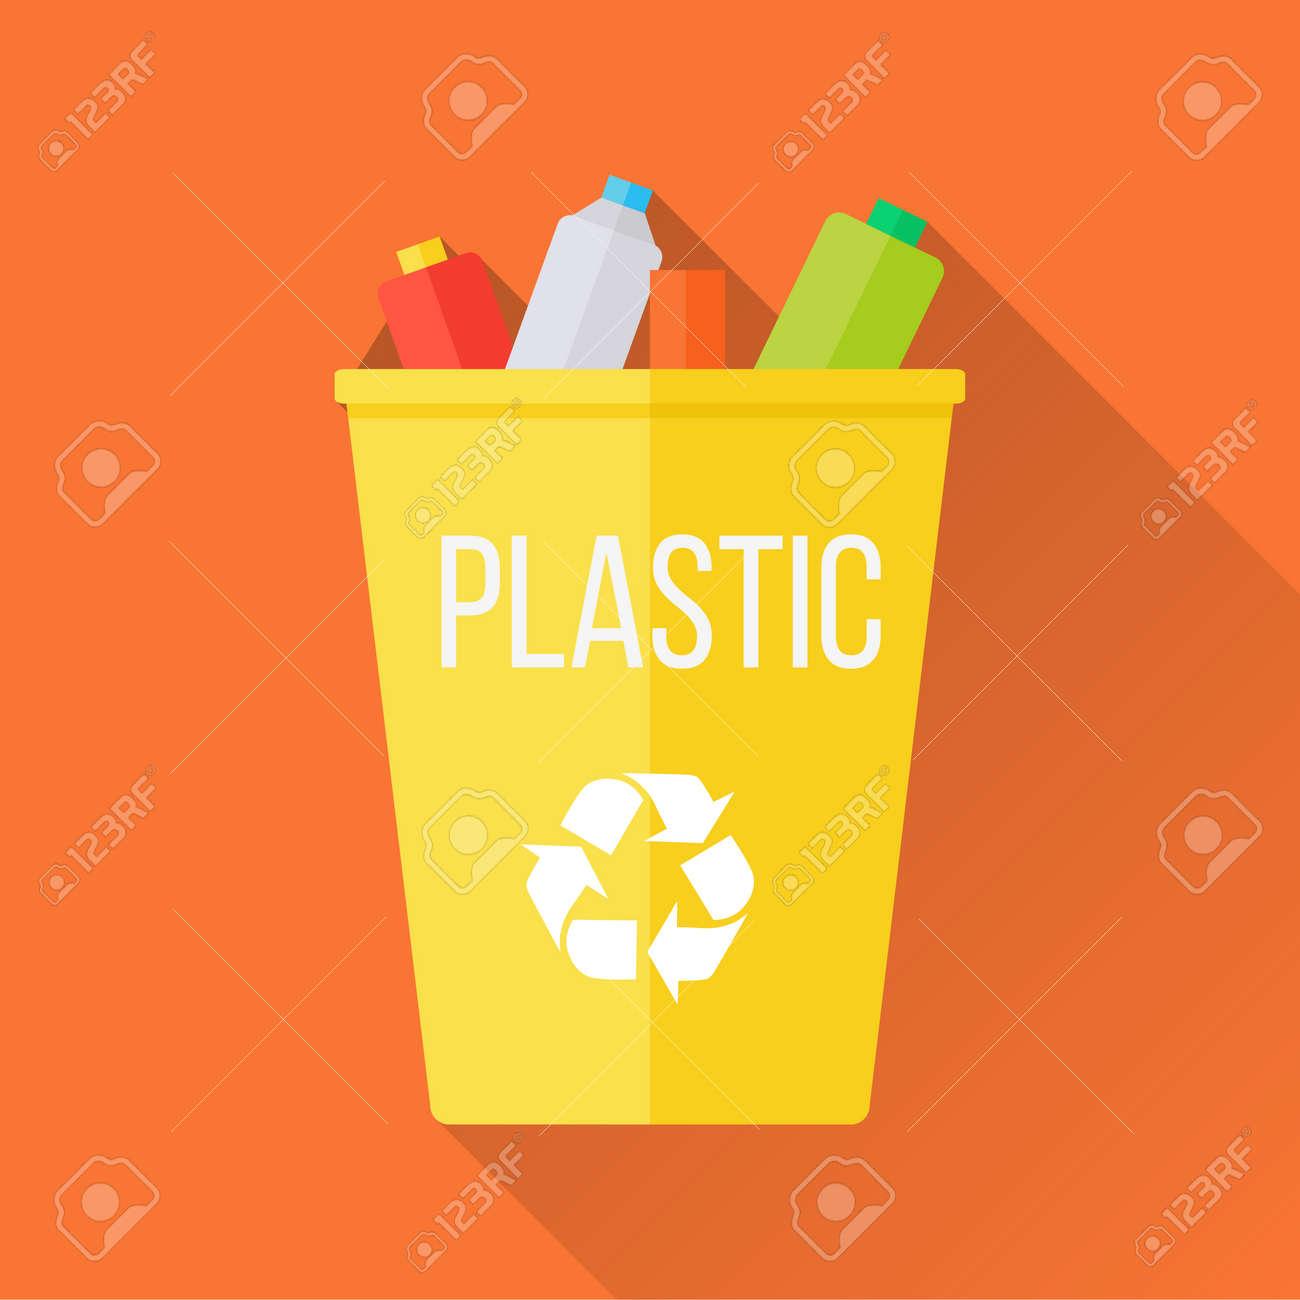 Gelb Bereiten Mulleimer Mit Plastik Auf Lizenzfrei Nutzbare